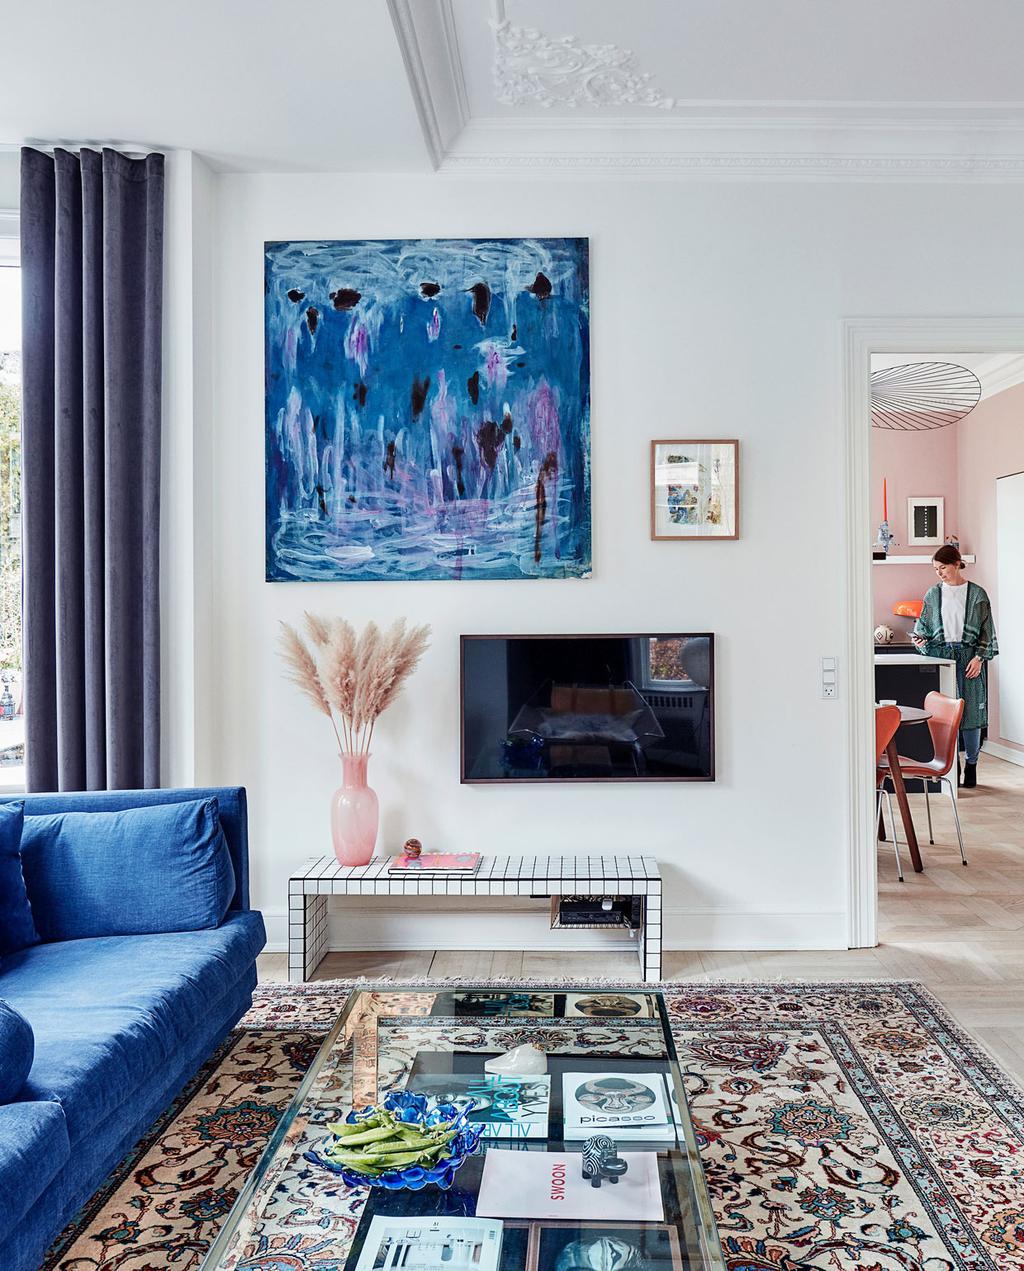 vtwonen 10-2019 | blauwe bank en schilderij